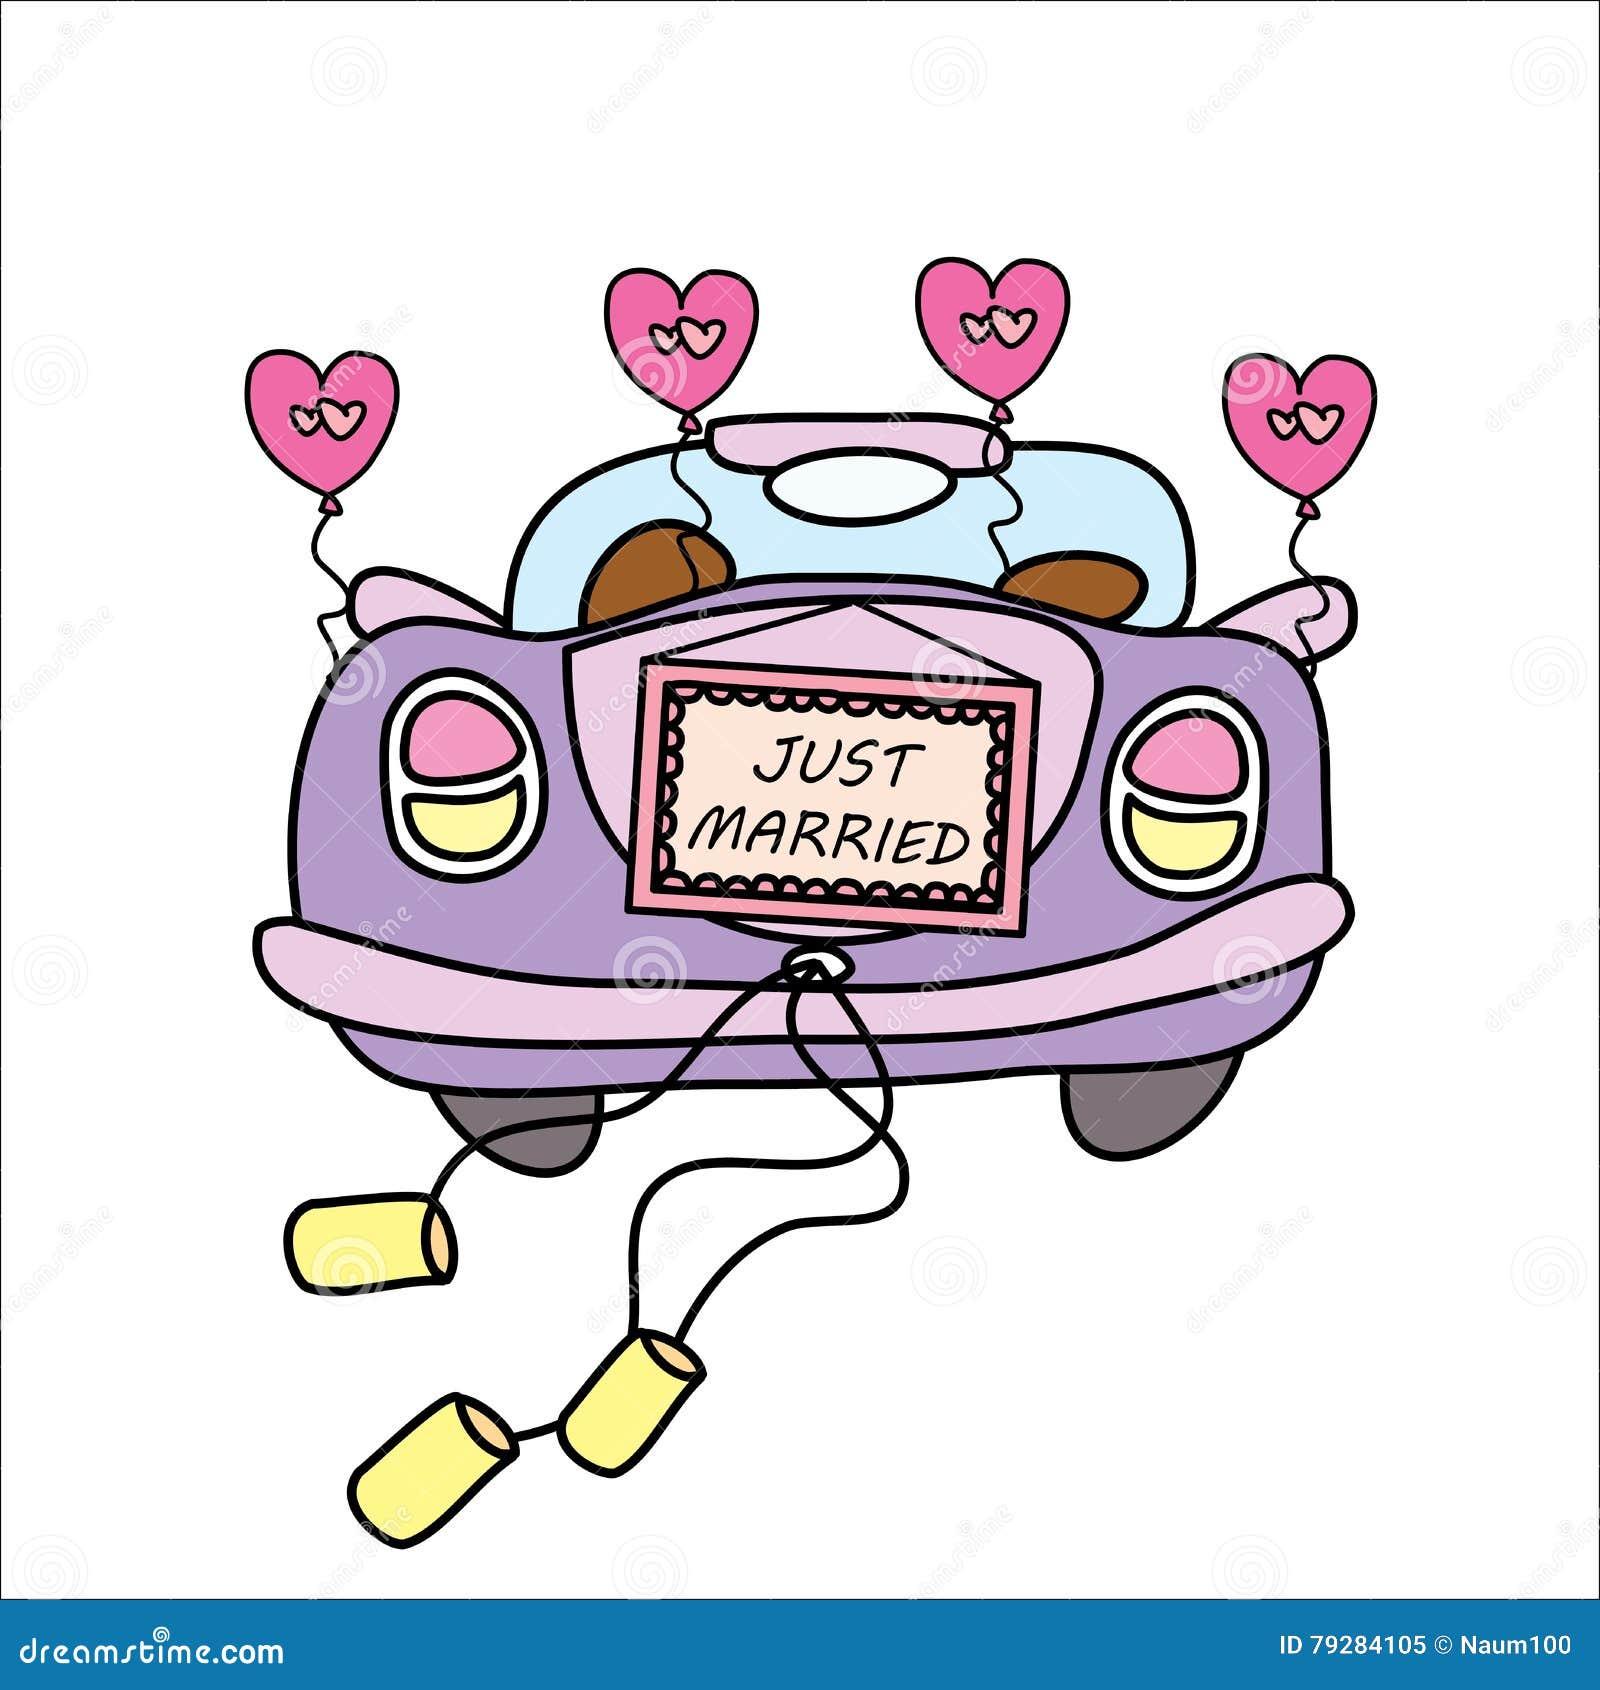 hochzeitsauto gerade geheiratet vektor abbildung